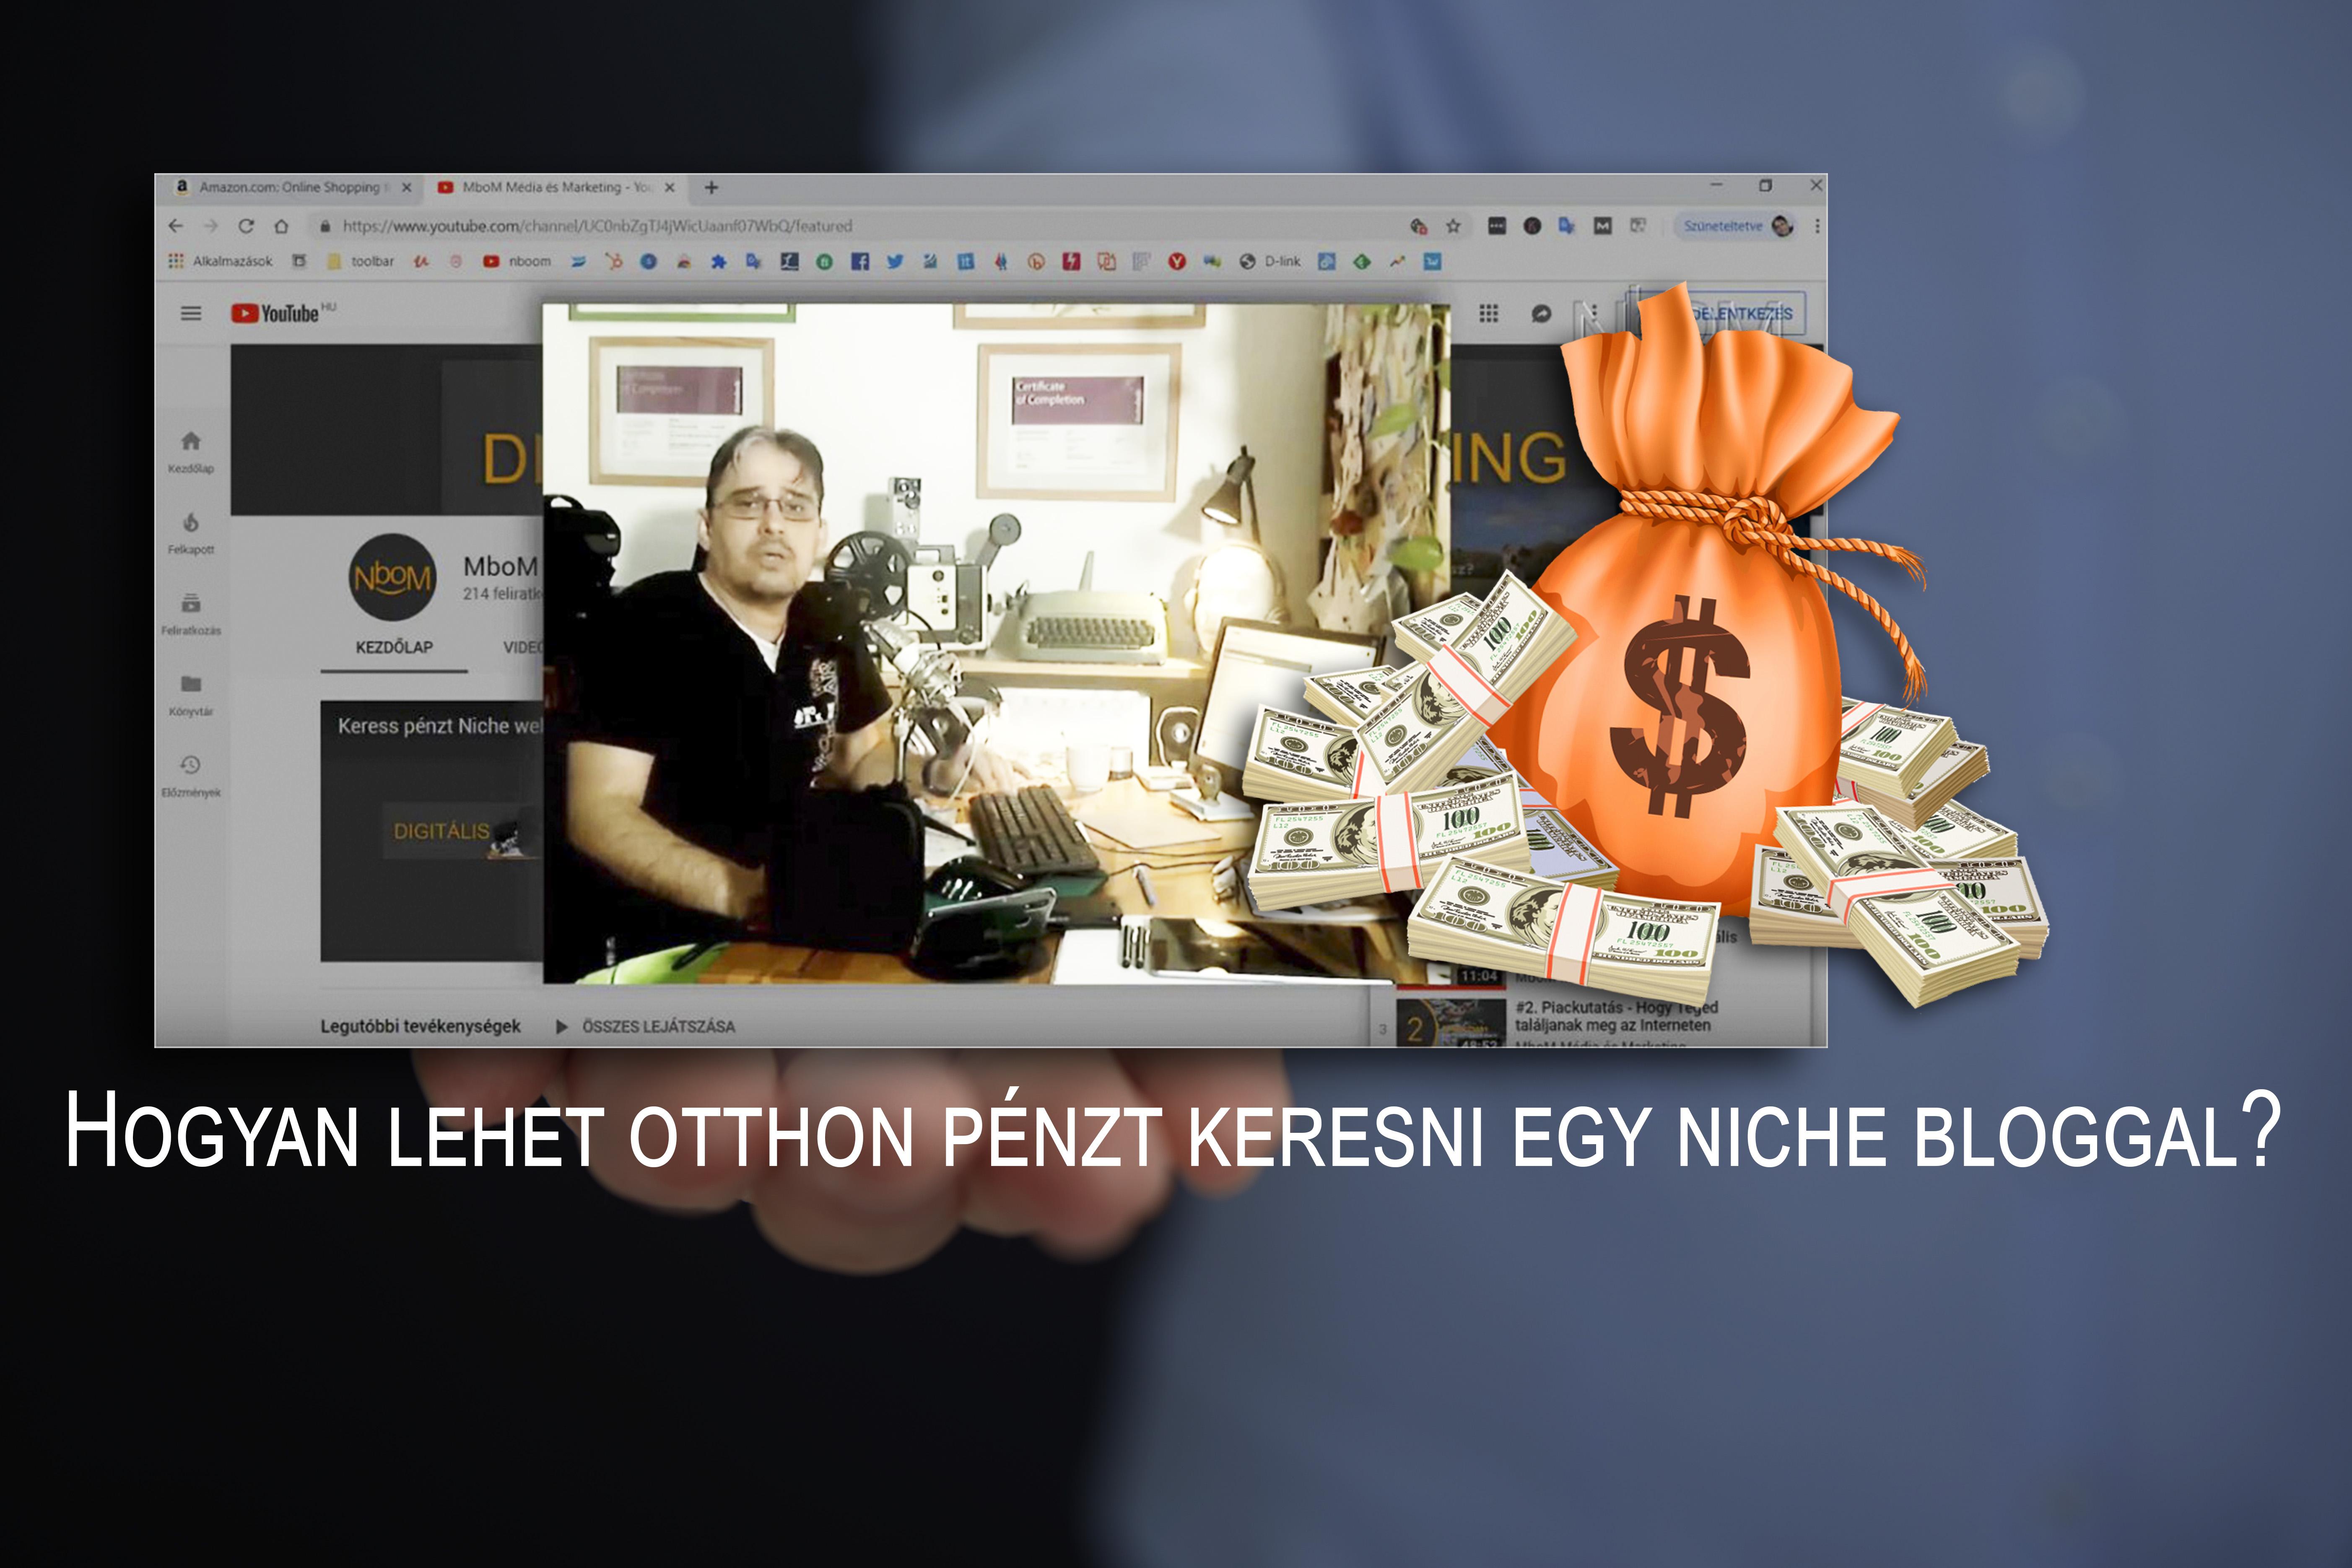 hogyan lehet pénzt keresni az internetes forgalomban